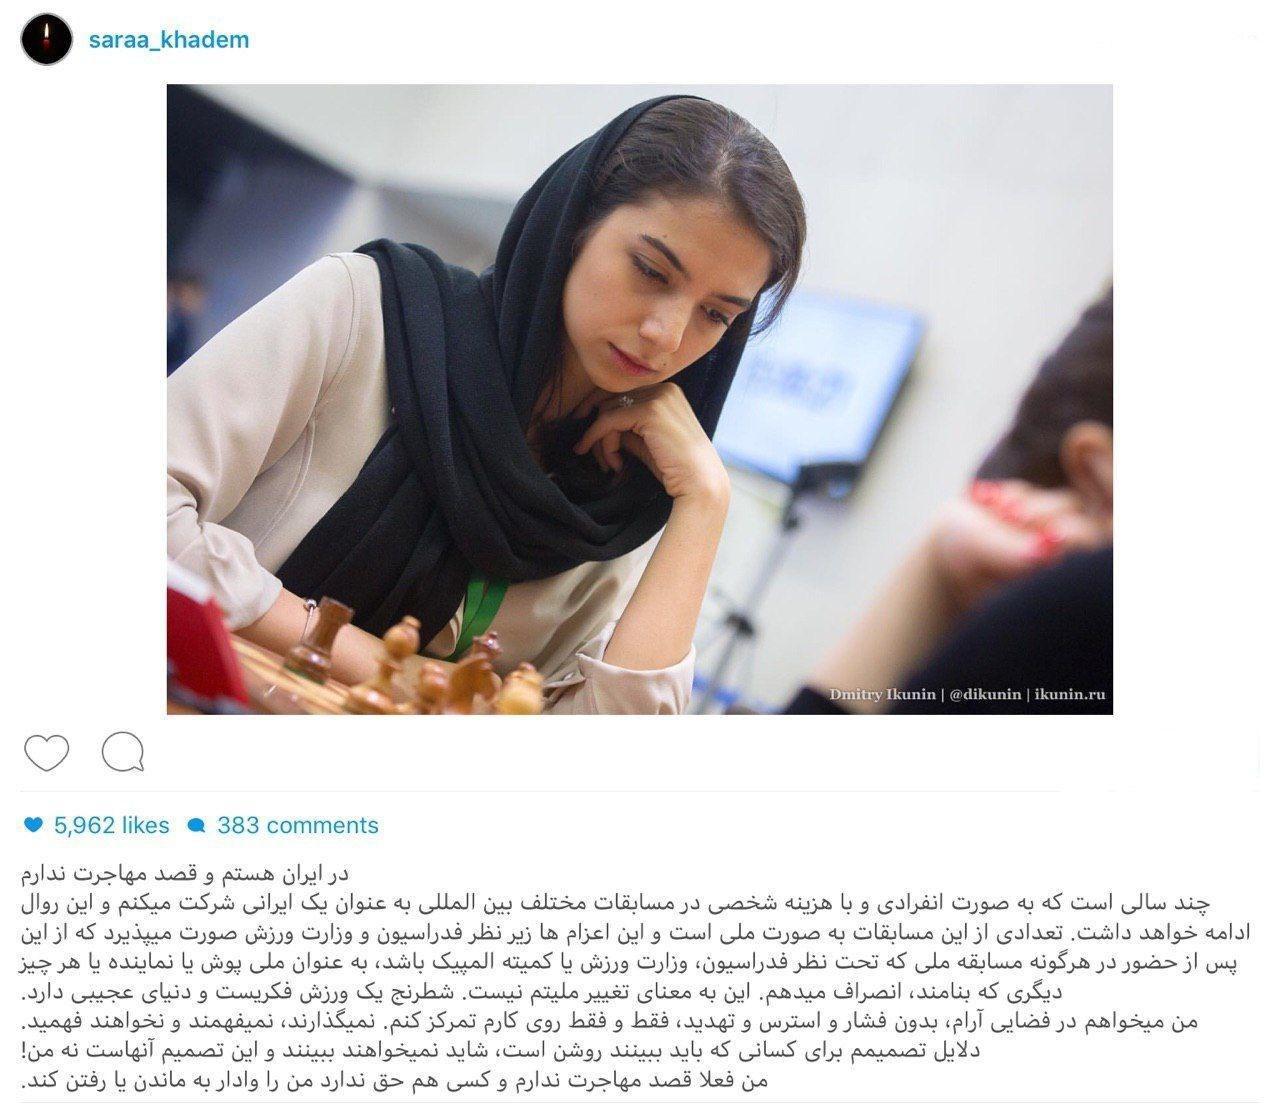 واکنش اینستاگرامی سارا خادمالشریعه به شایعه مهاجرتش از ایران